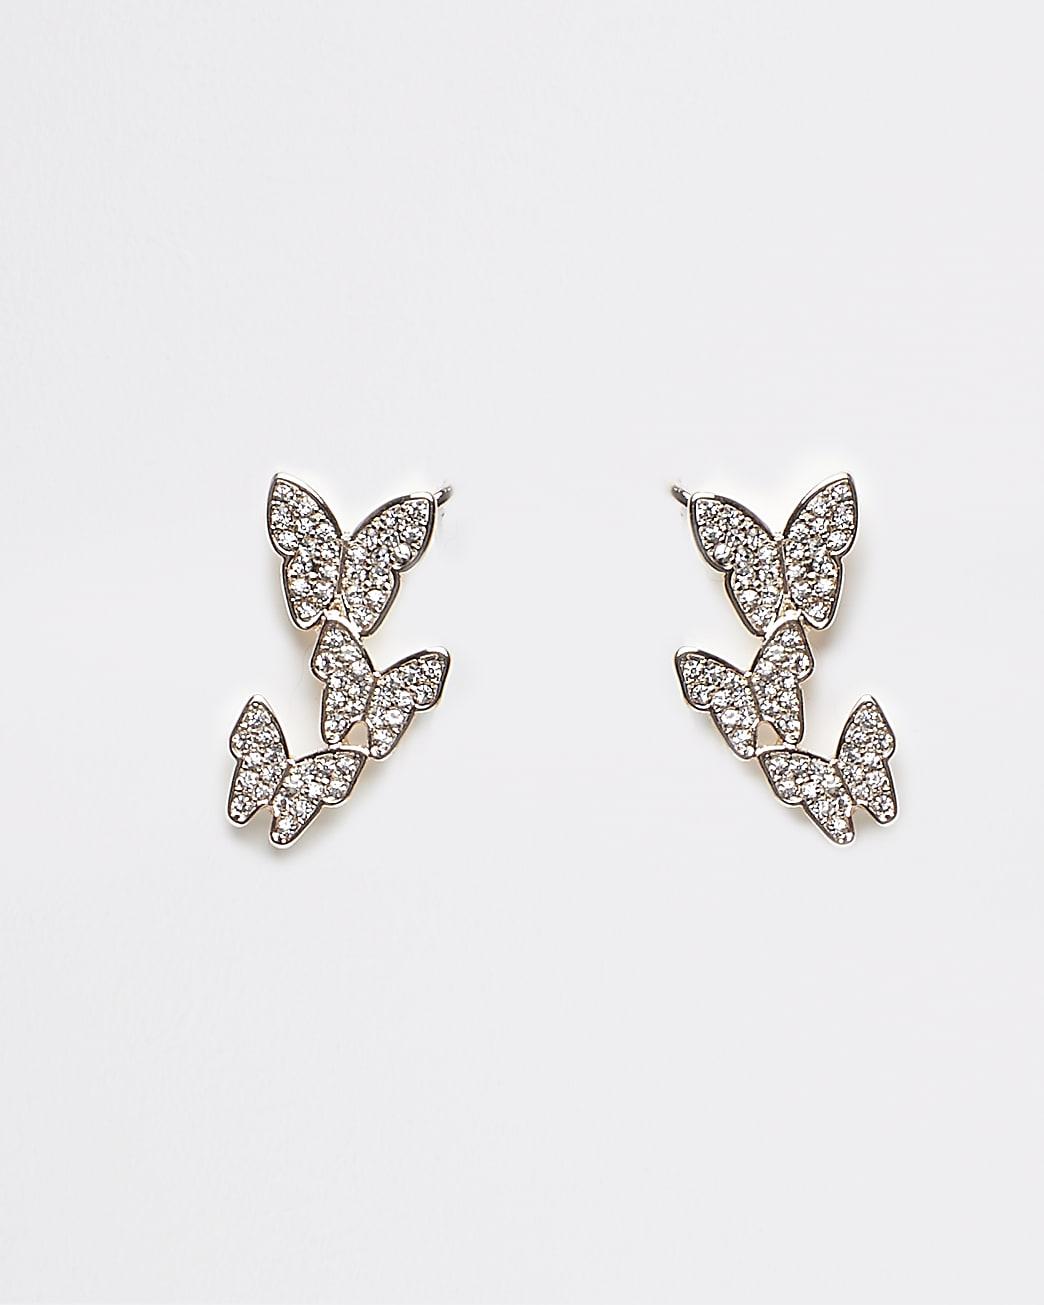 Gold diamante butterfly earrings